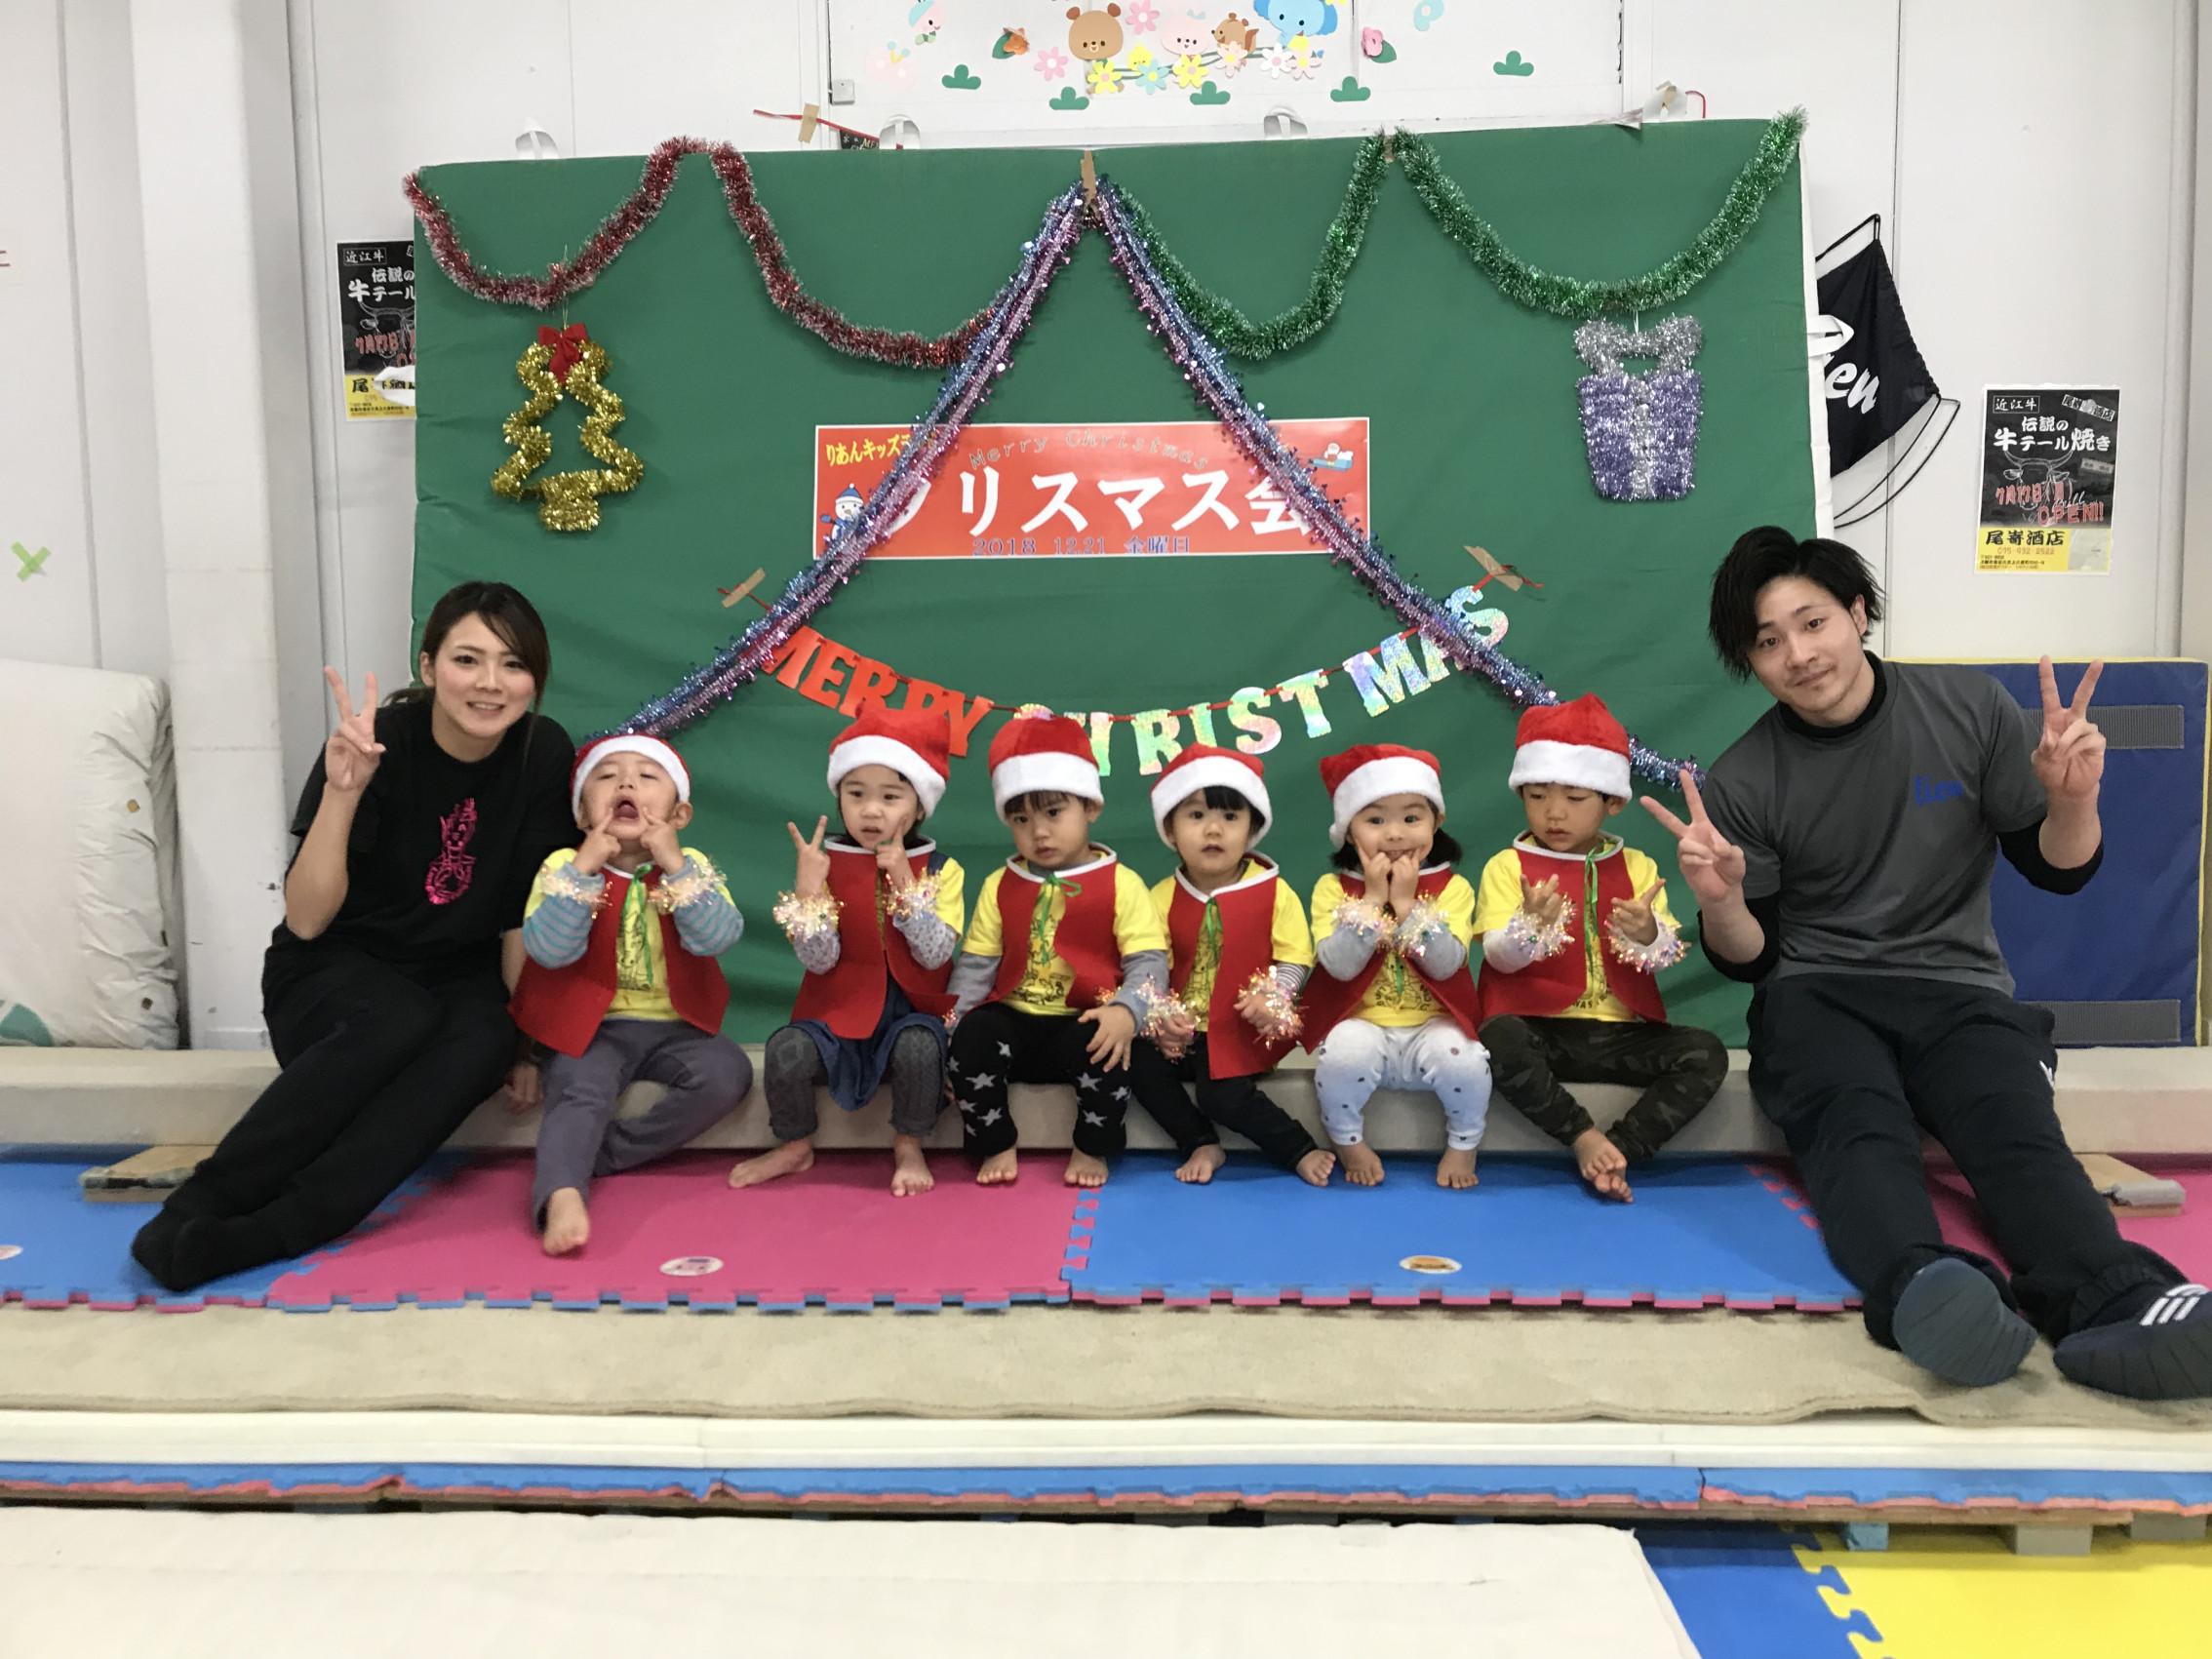 クリスマス会 3期生画像2